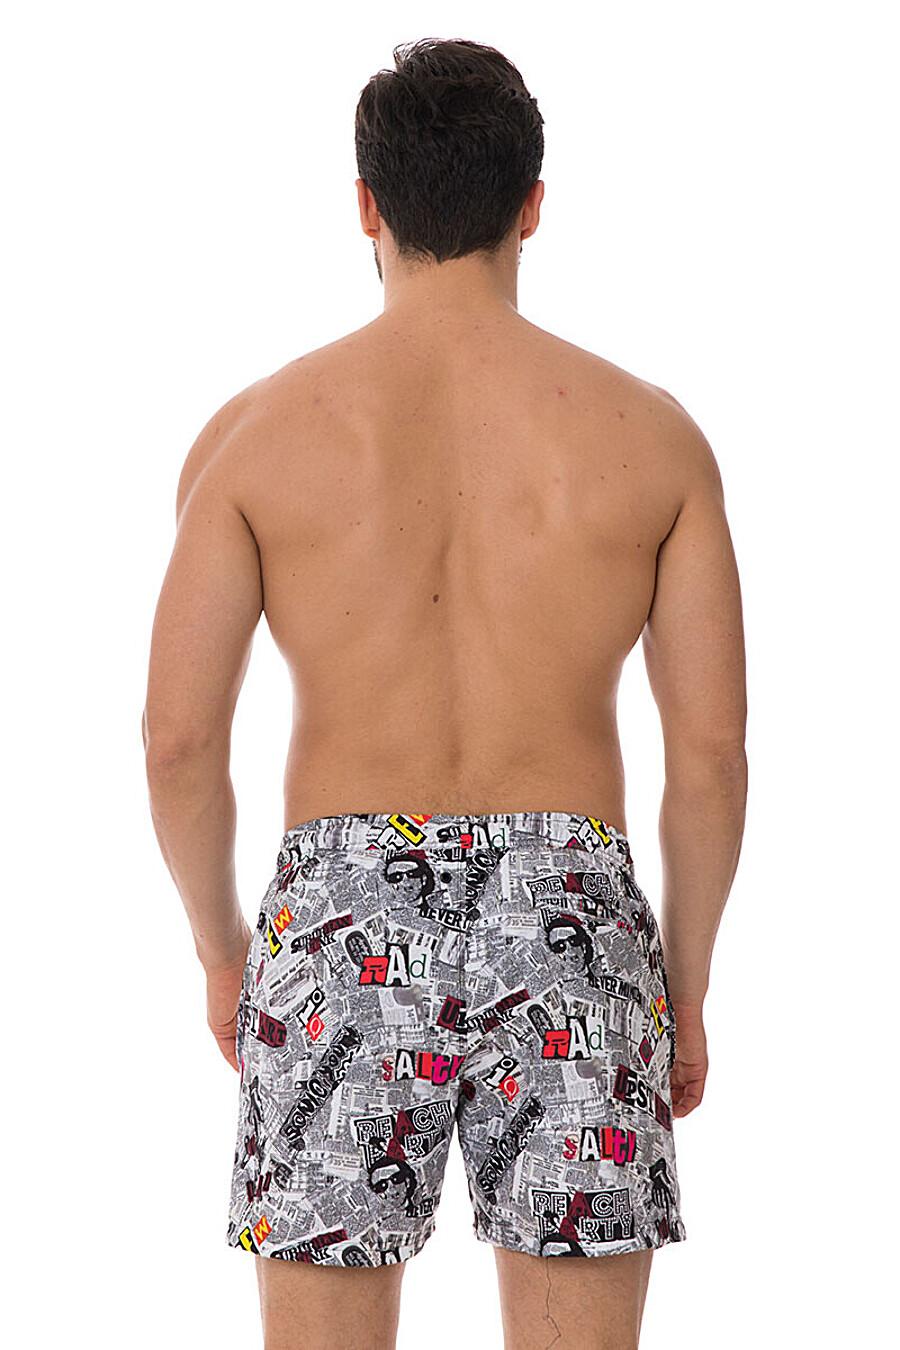 Шорты для мужчин PE.CHITTO 169330 купить оптом от производителя. Совместная покупка мужской одежды в OptMoyo